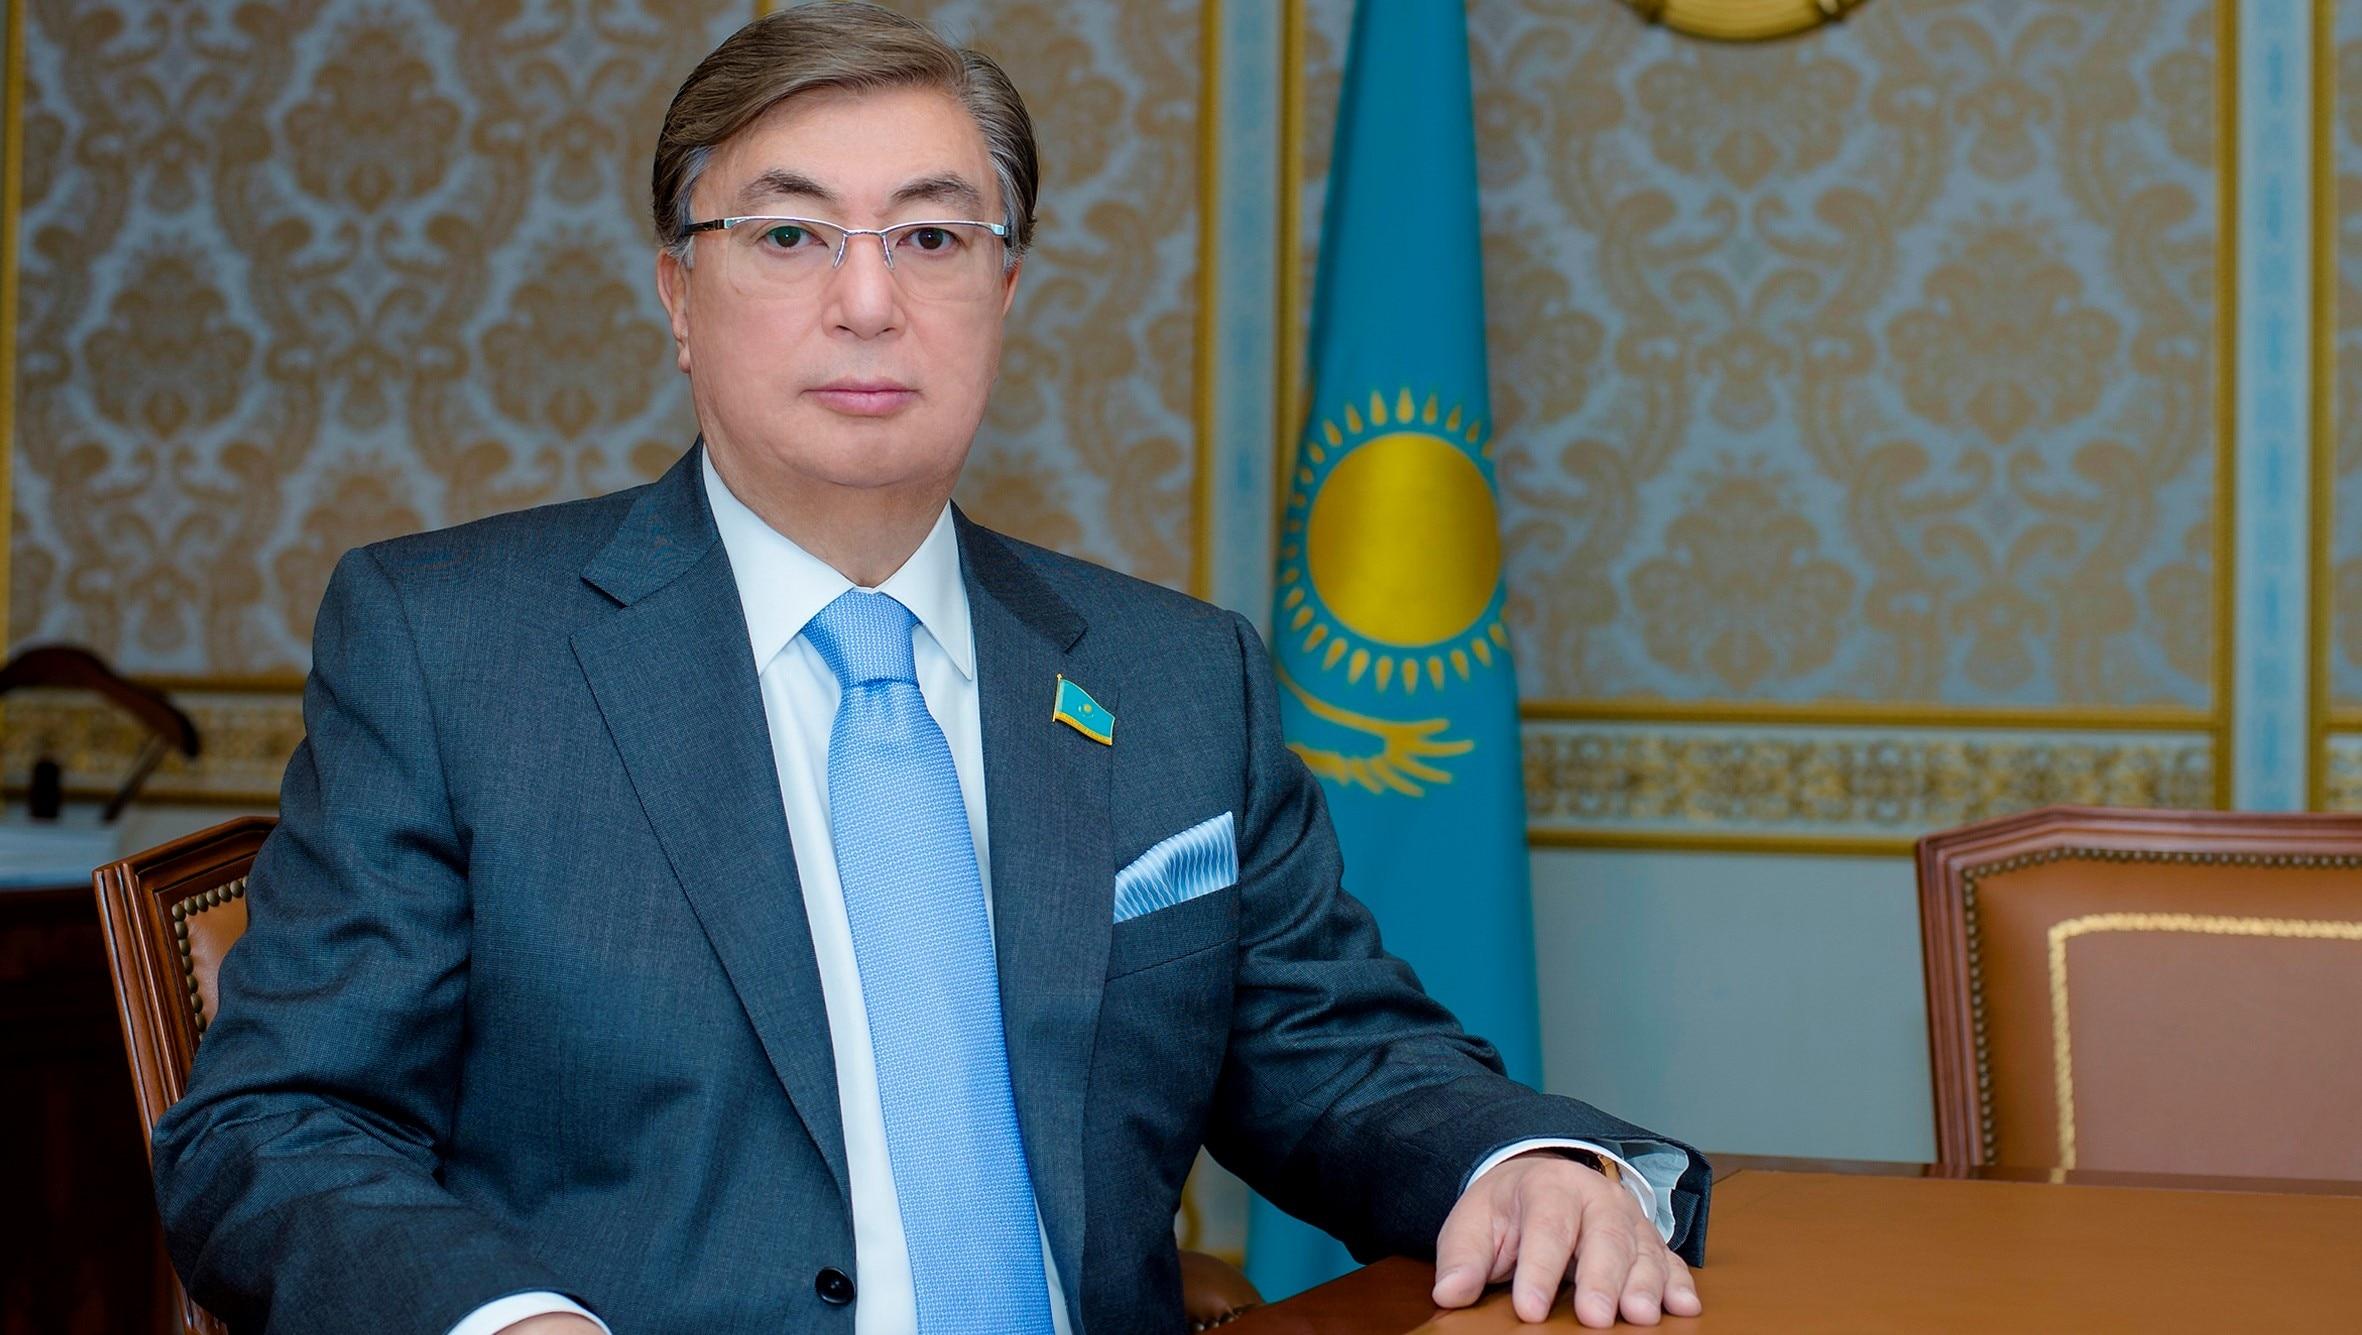 Ел президенті Қасым-Жомарт Тоқаев Элизабет Тұрсынбаеваны жеңісімен құттықтады